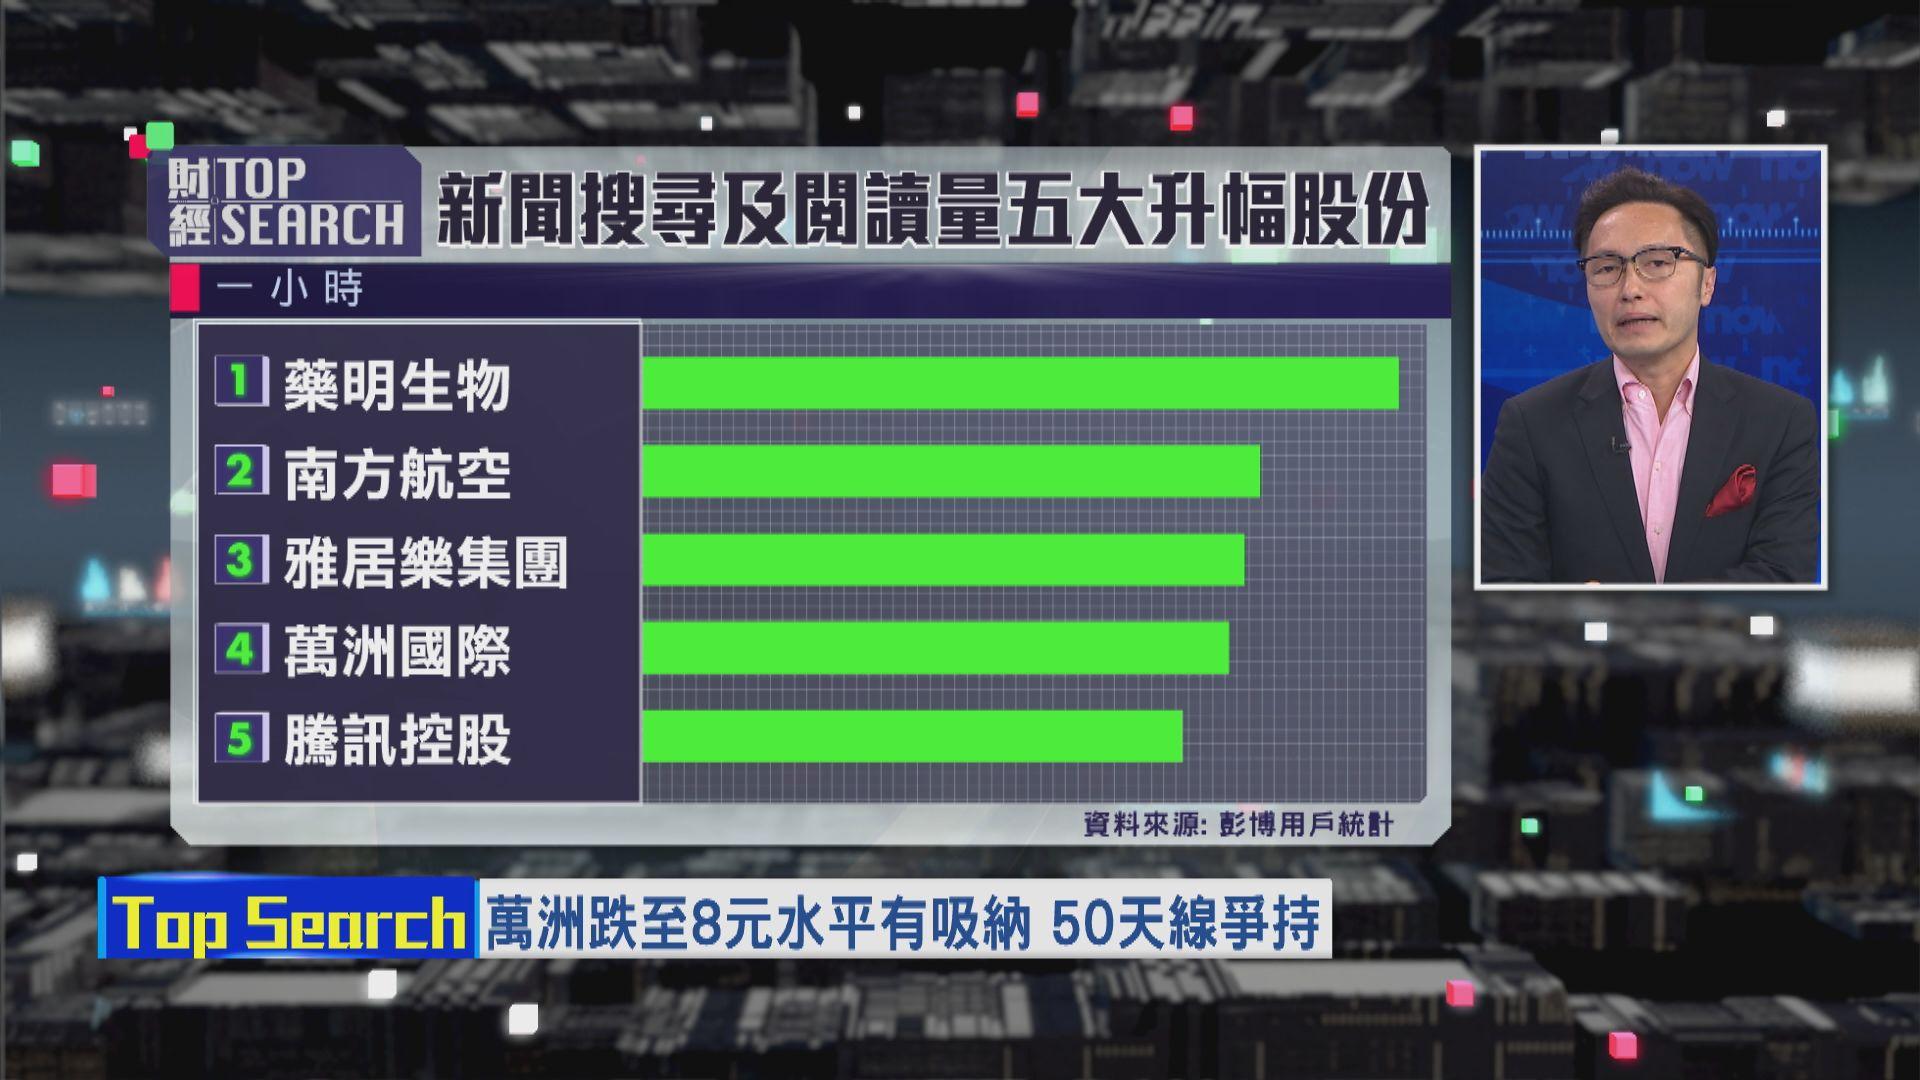 【財經TOP SEARCH】貿戰憂慮繼續影響後市